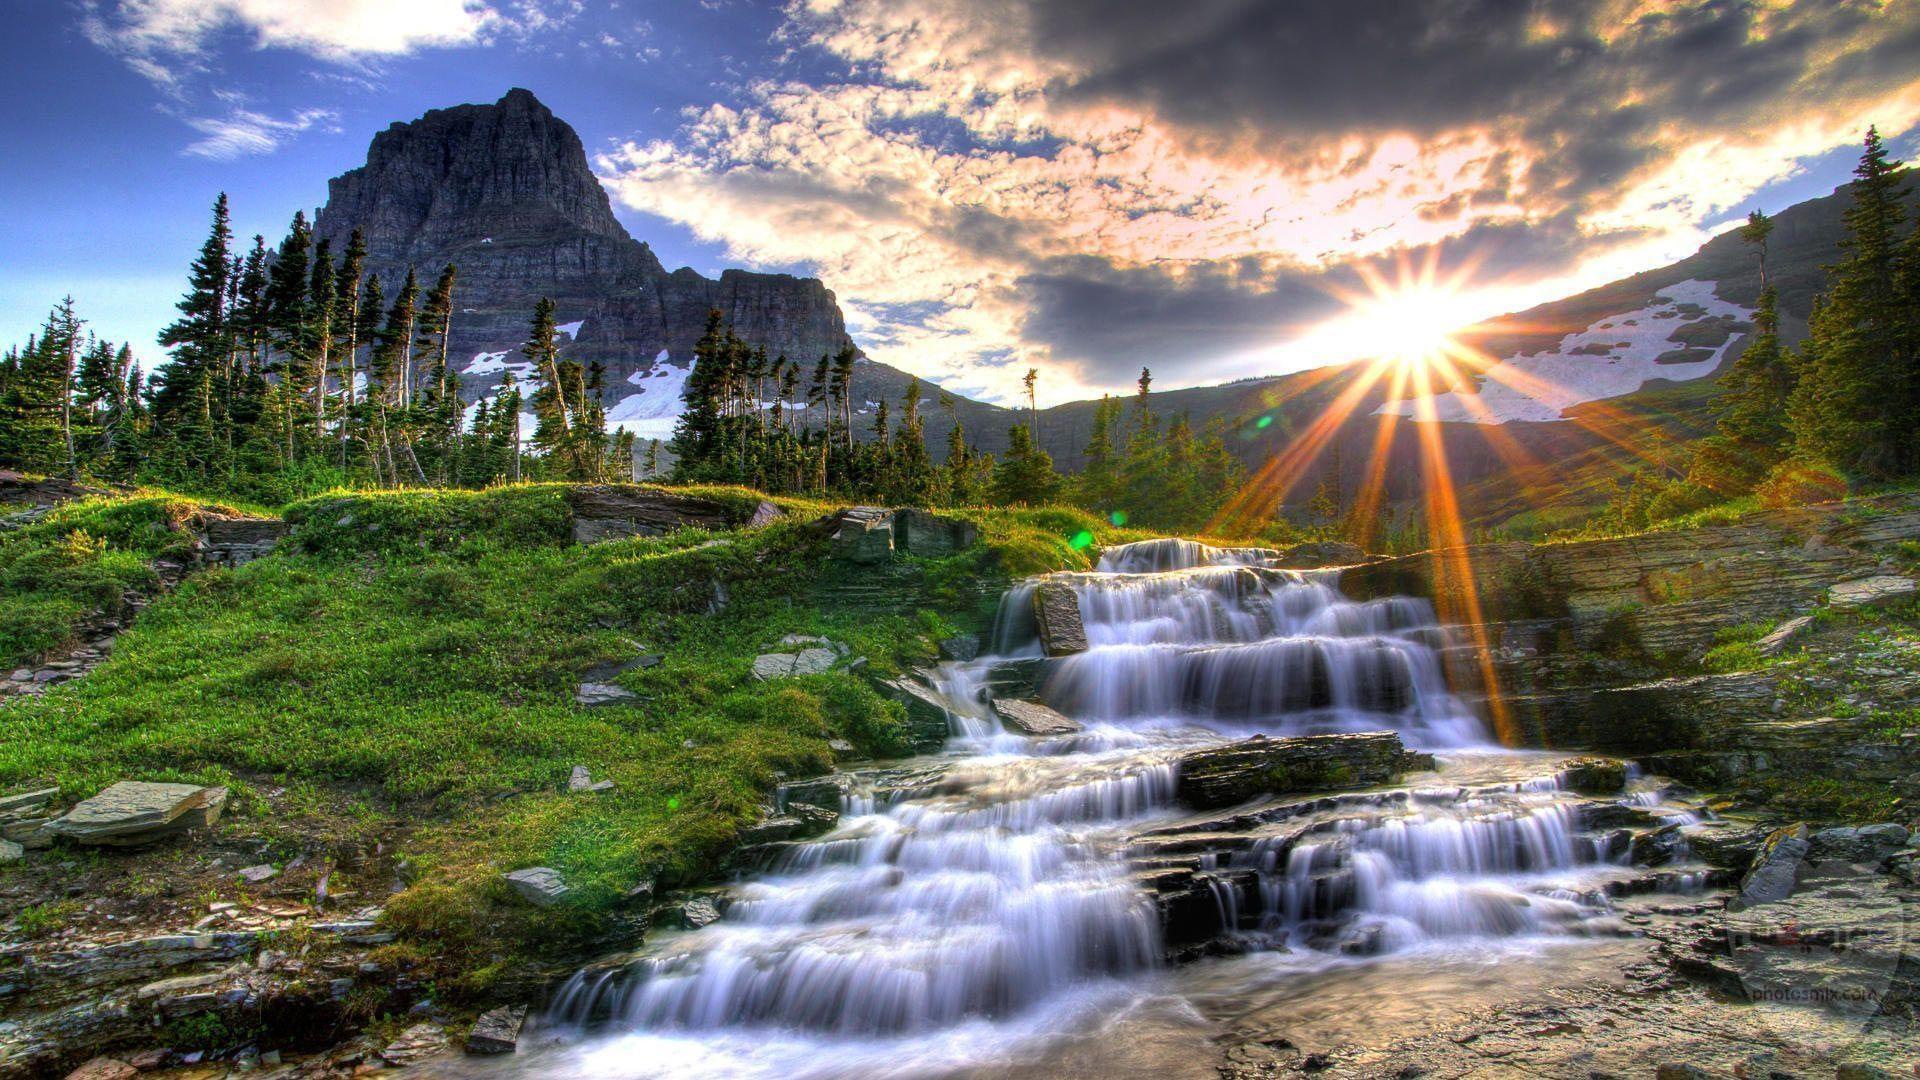 الطبيعة الخلابة أنواع الطبيعة خلفيات طبيعة طبيعة خلابة 18